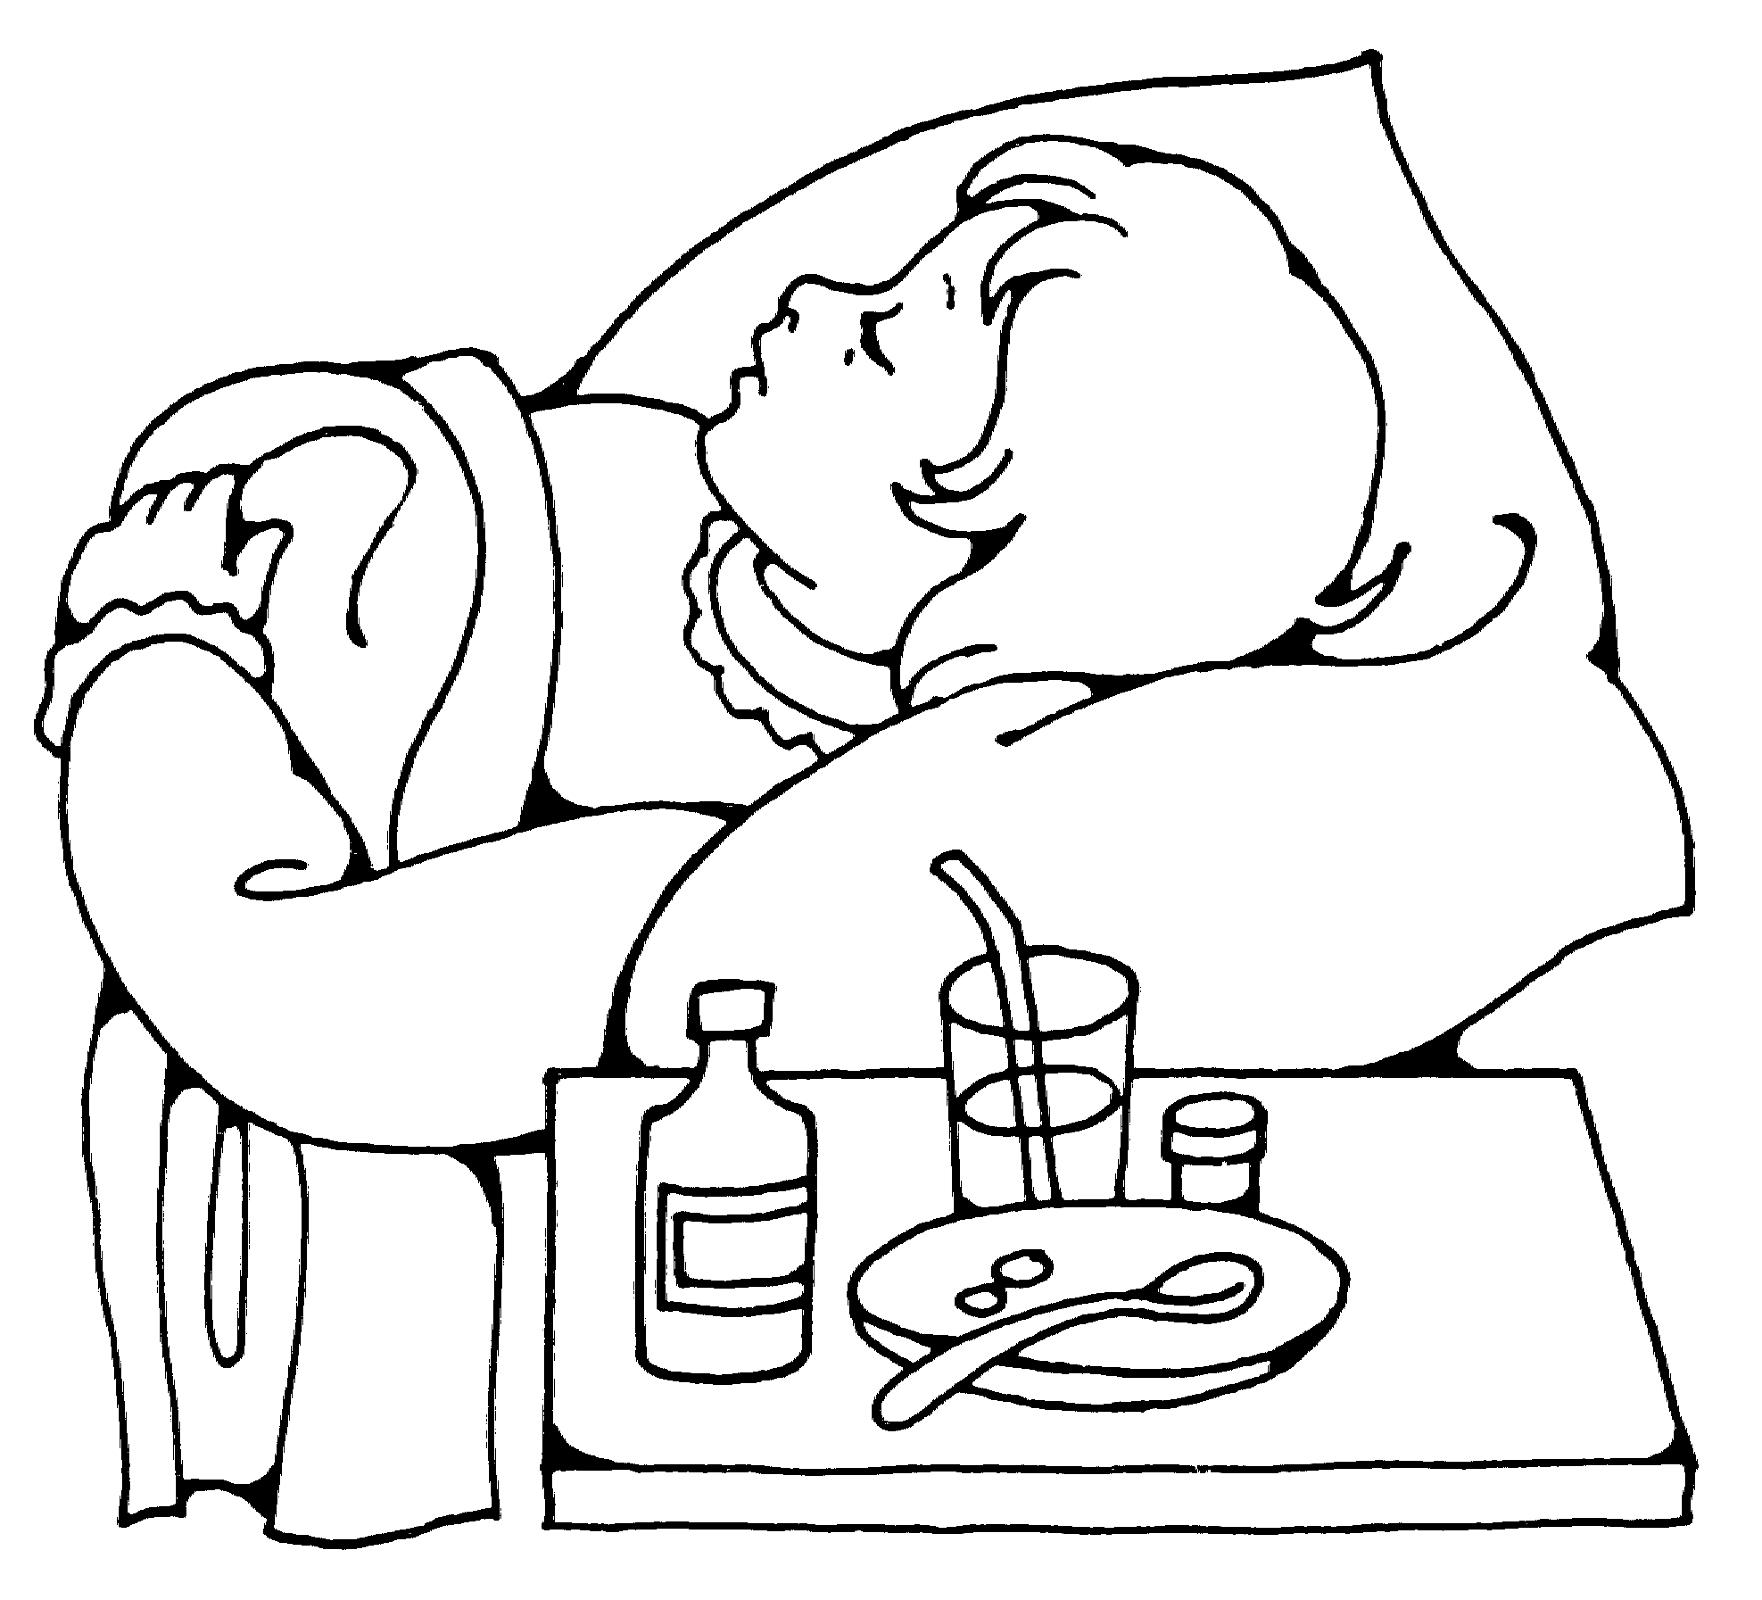 Картинки приколы, как нарисовать открытку больному